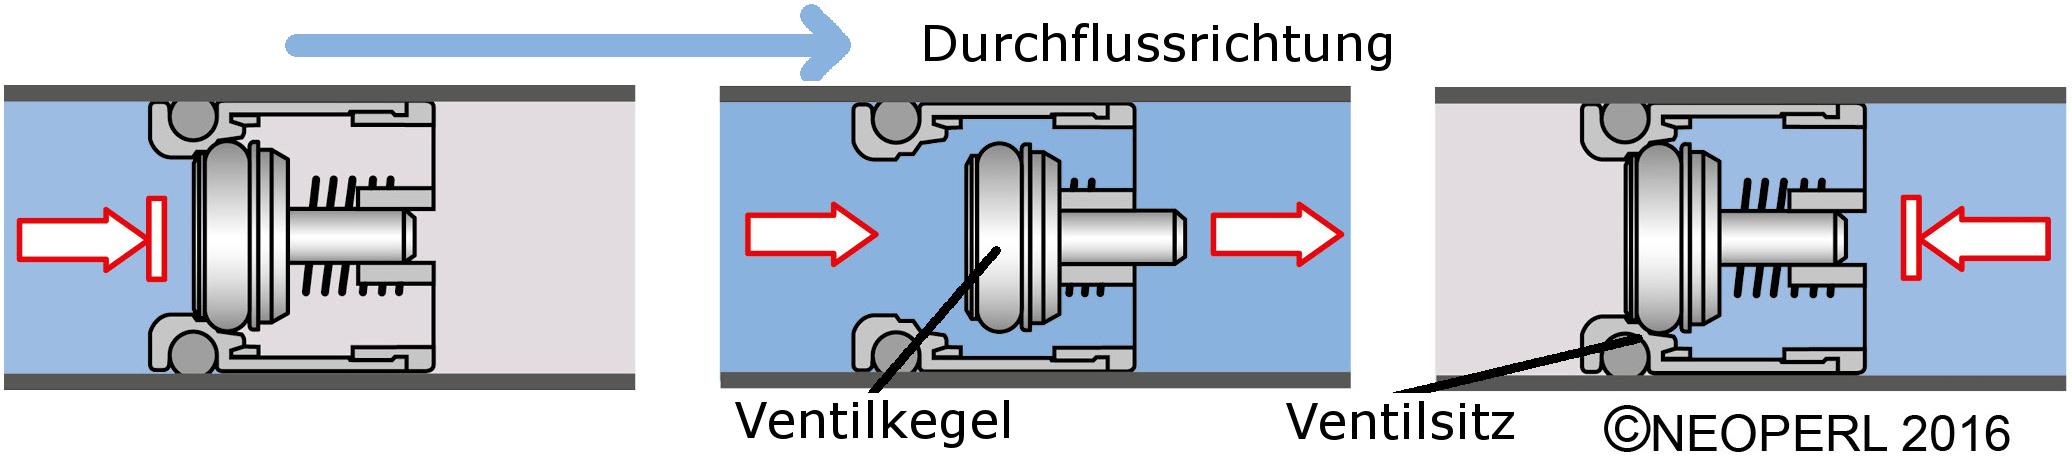 Relativ Rückflussverhinderer // Funktion, Austausch, Kauf & mehr OM06